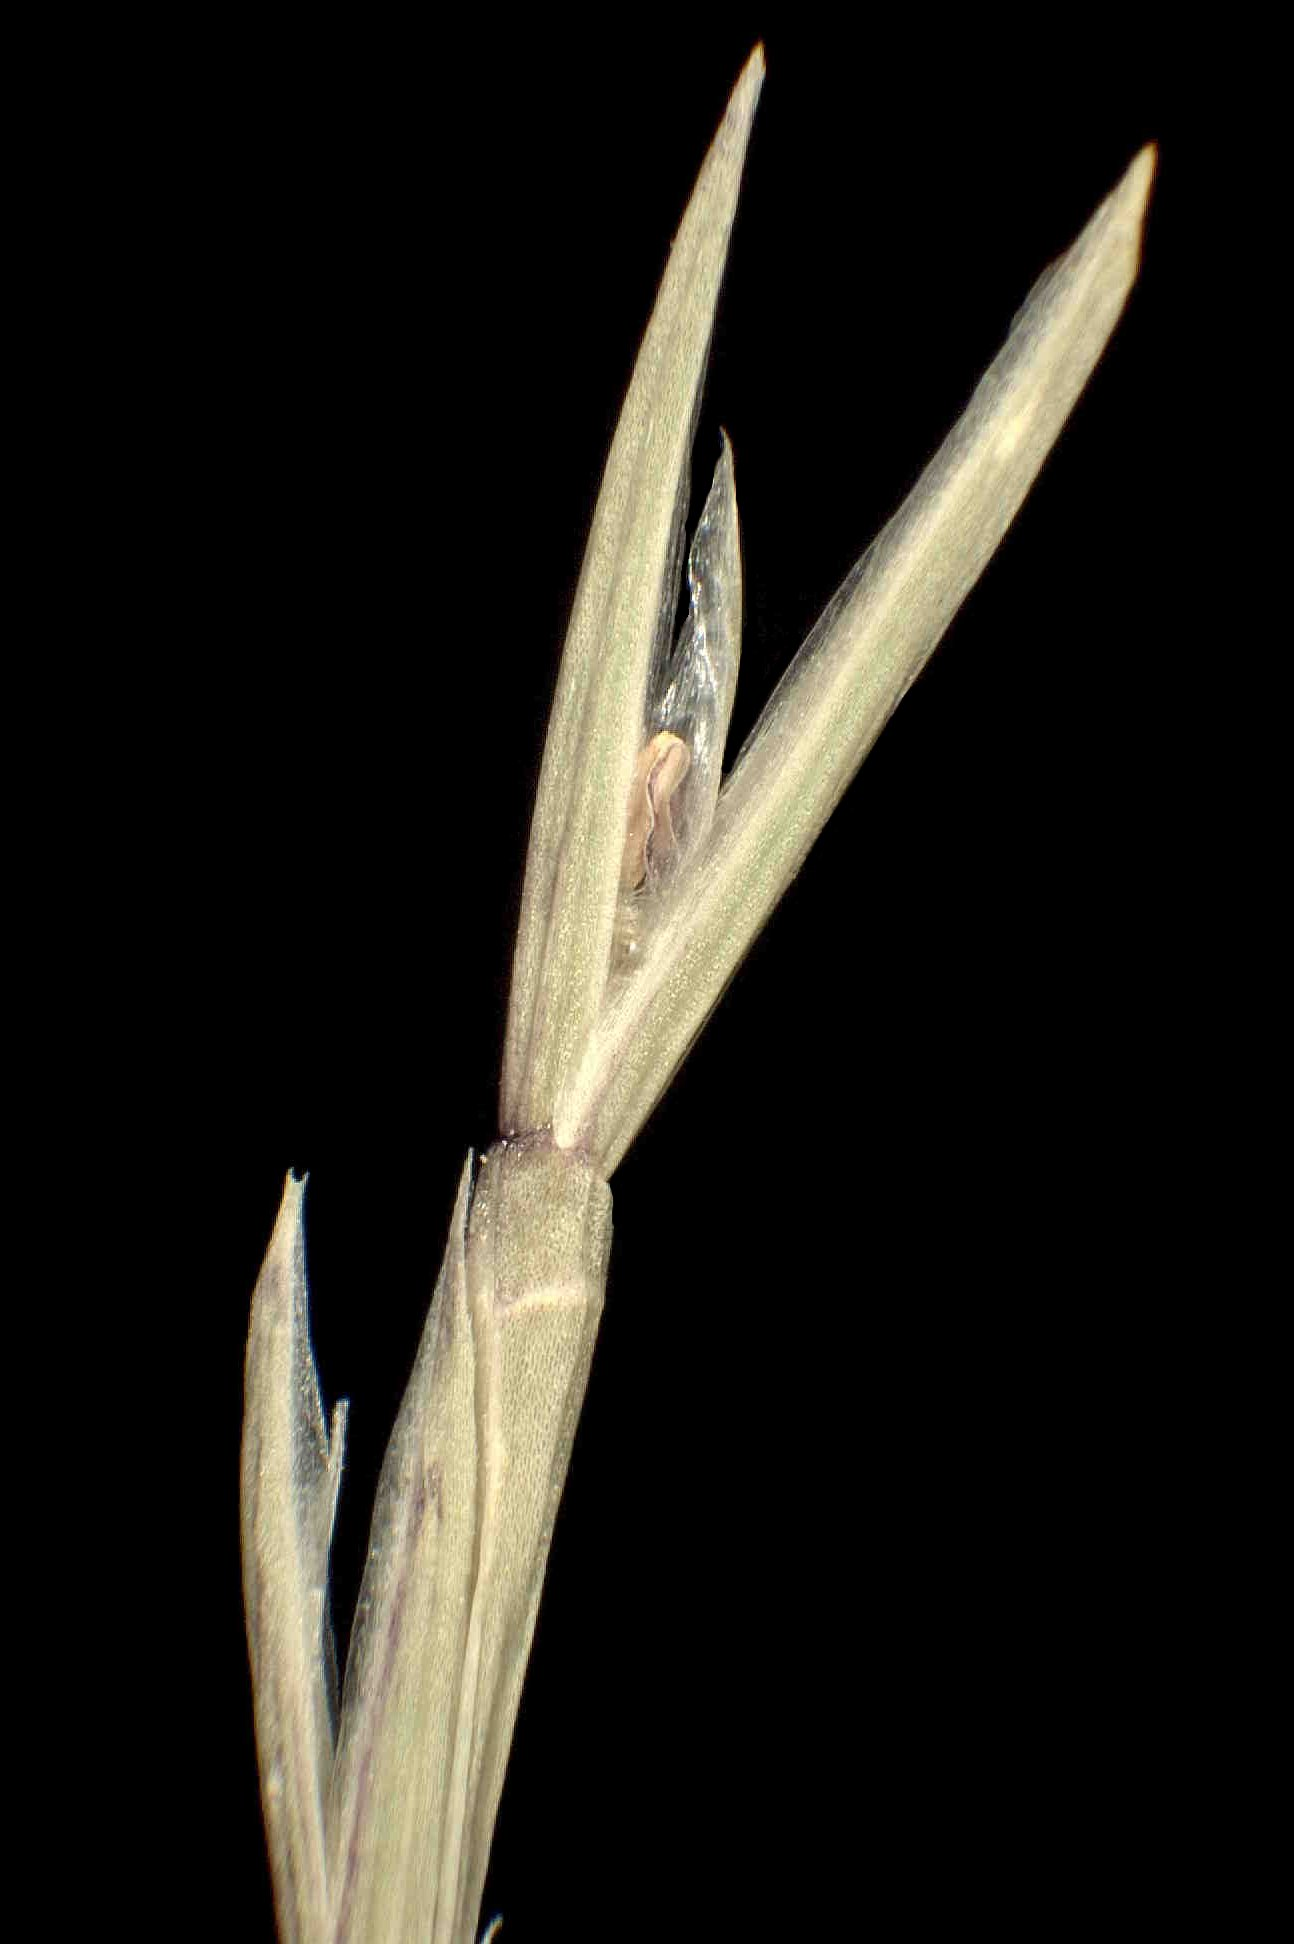 © Dipartimento di Scienze della Vita, Università degli Studi di Trieste<br>by Andrea Moro<br>Sax, Salinas, provincia di Alicante, prateria alofila. , Spagna, 15/1/05 0.00.00<br>Distributed under CC-BY-SA 4.0 license.